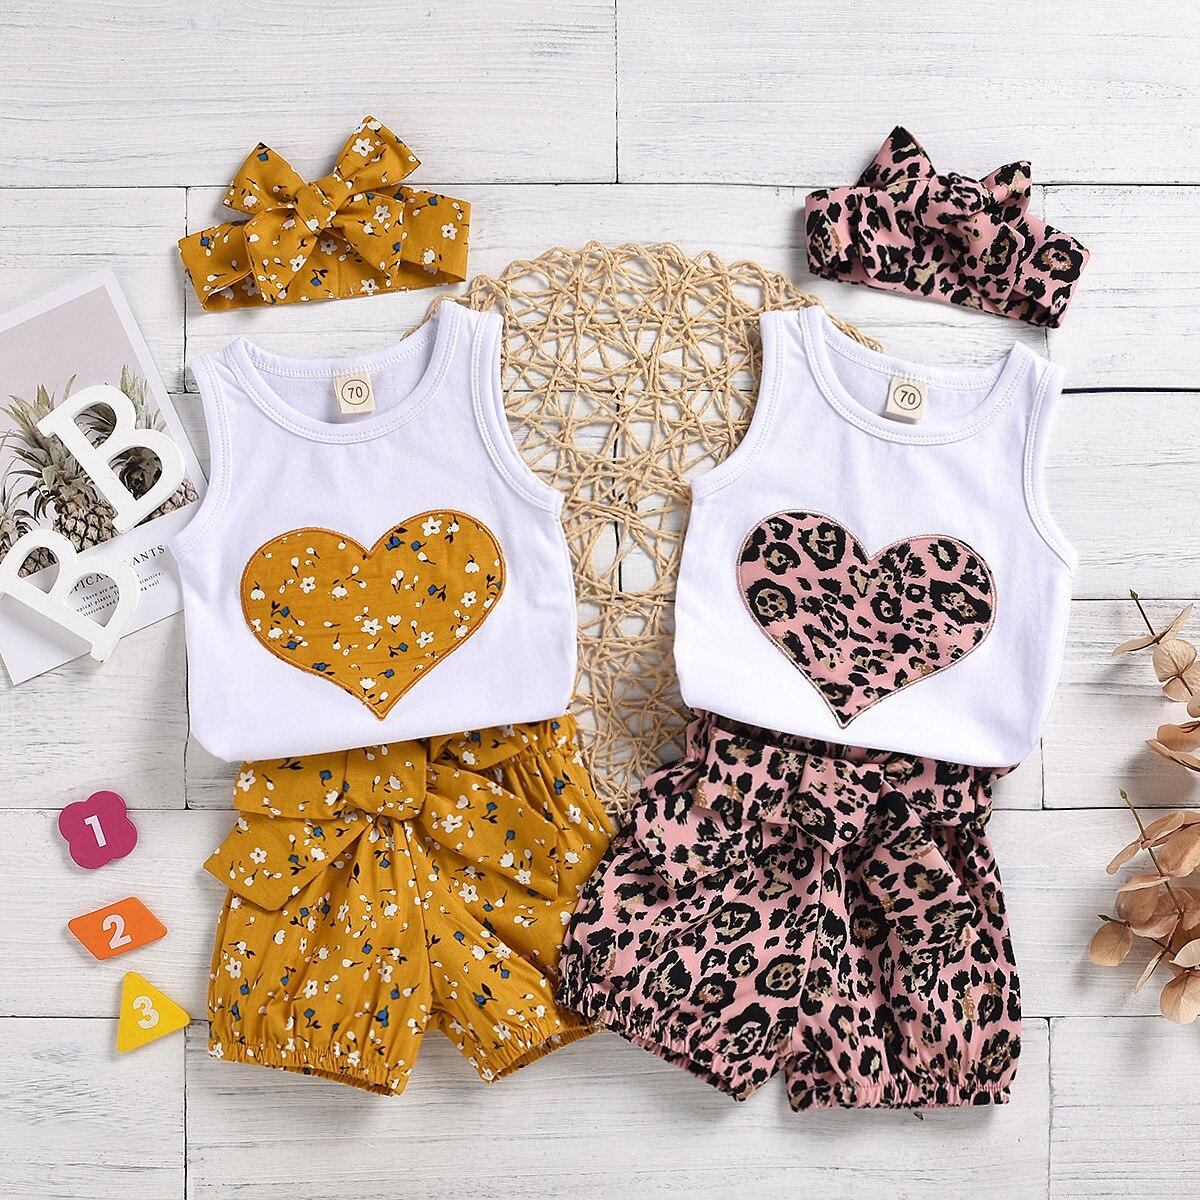 Одежда для новорожденных девочек Летняя Цветочная печать Персиковое сердце без рукавов стандартная повязка на голову 3 шт. наряды солнцеза...